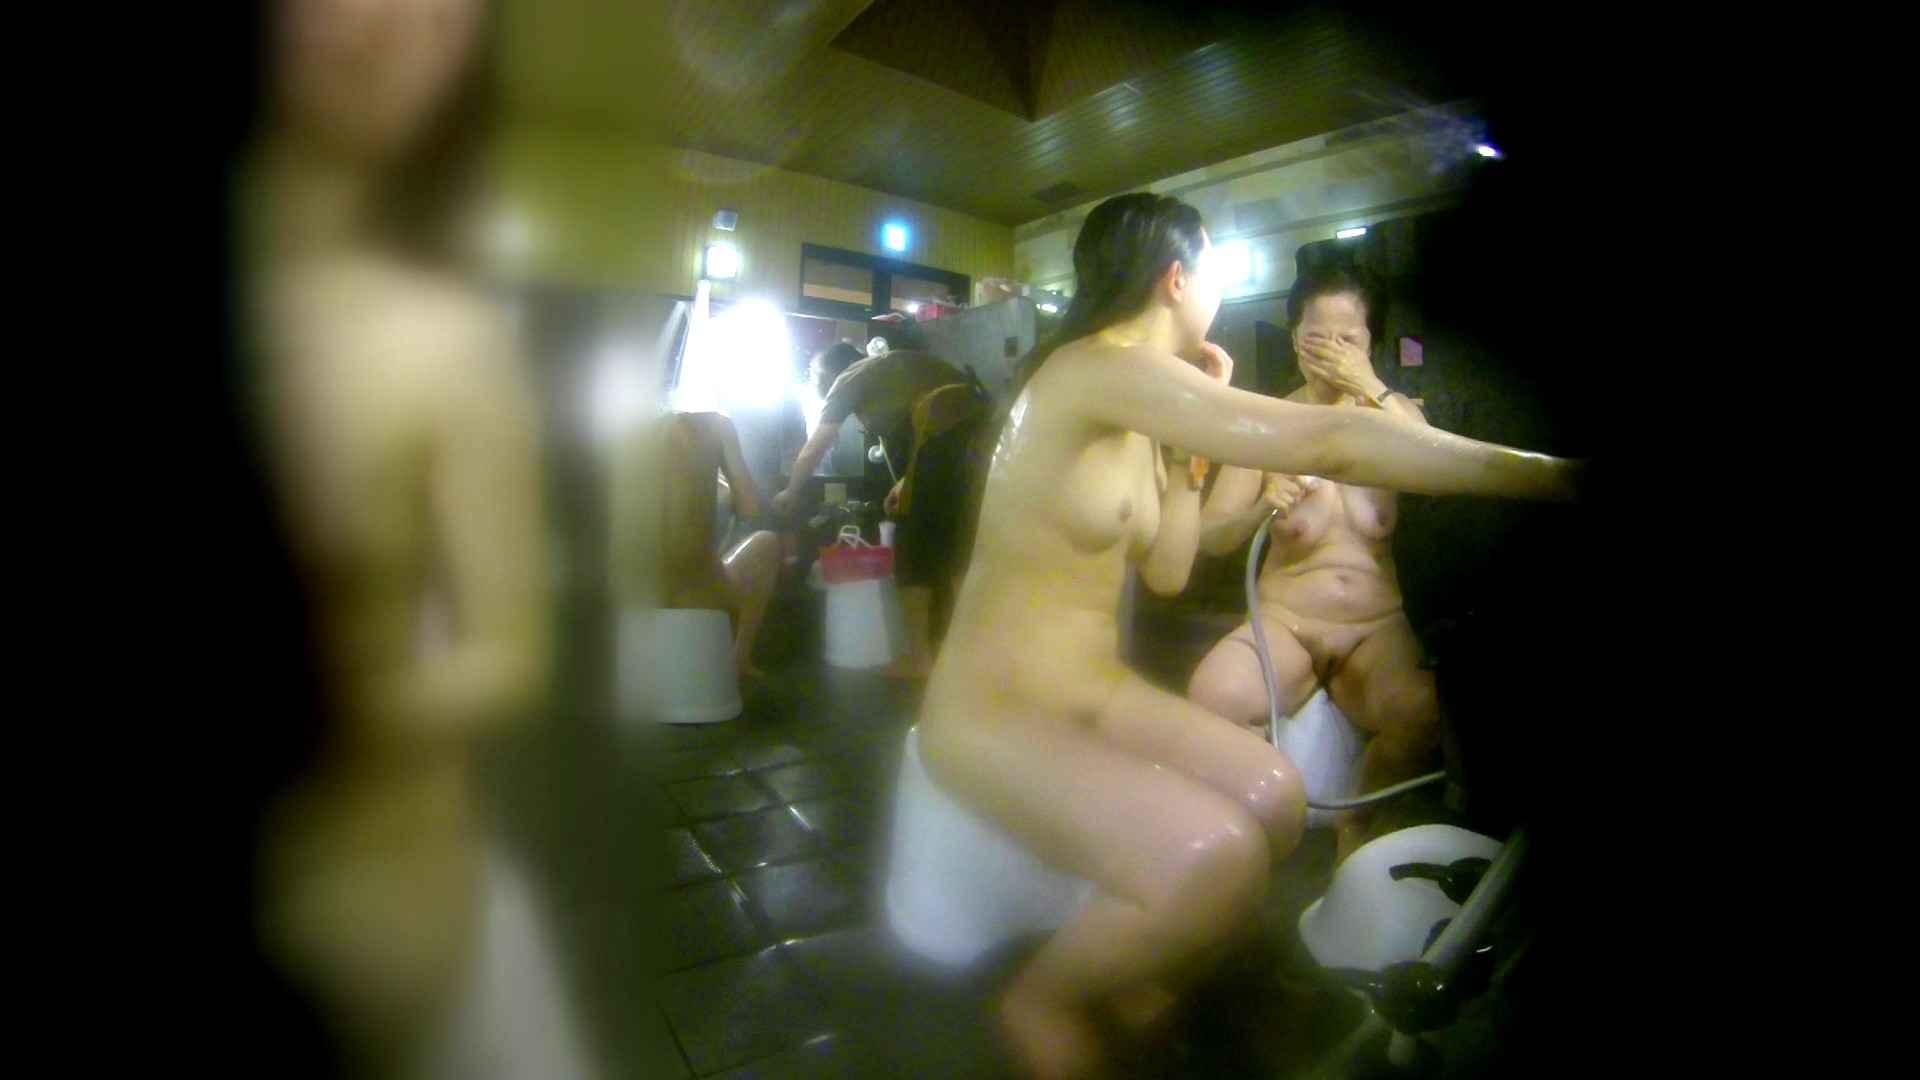 洗い場!右足の位置がいいですね。陰毛もっさり! 潜入 オメコ動画キャプチャ 111画像 12